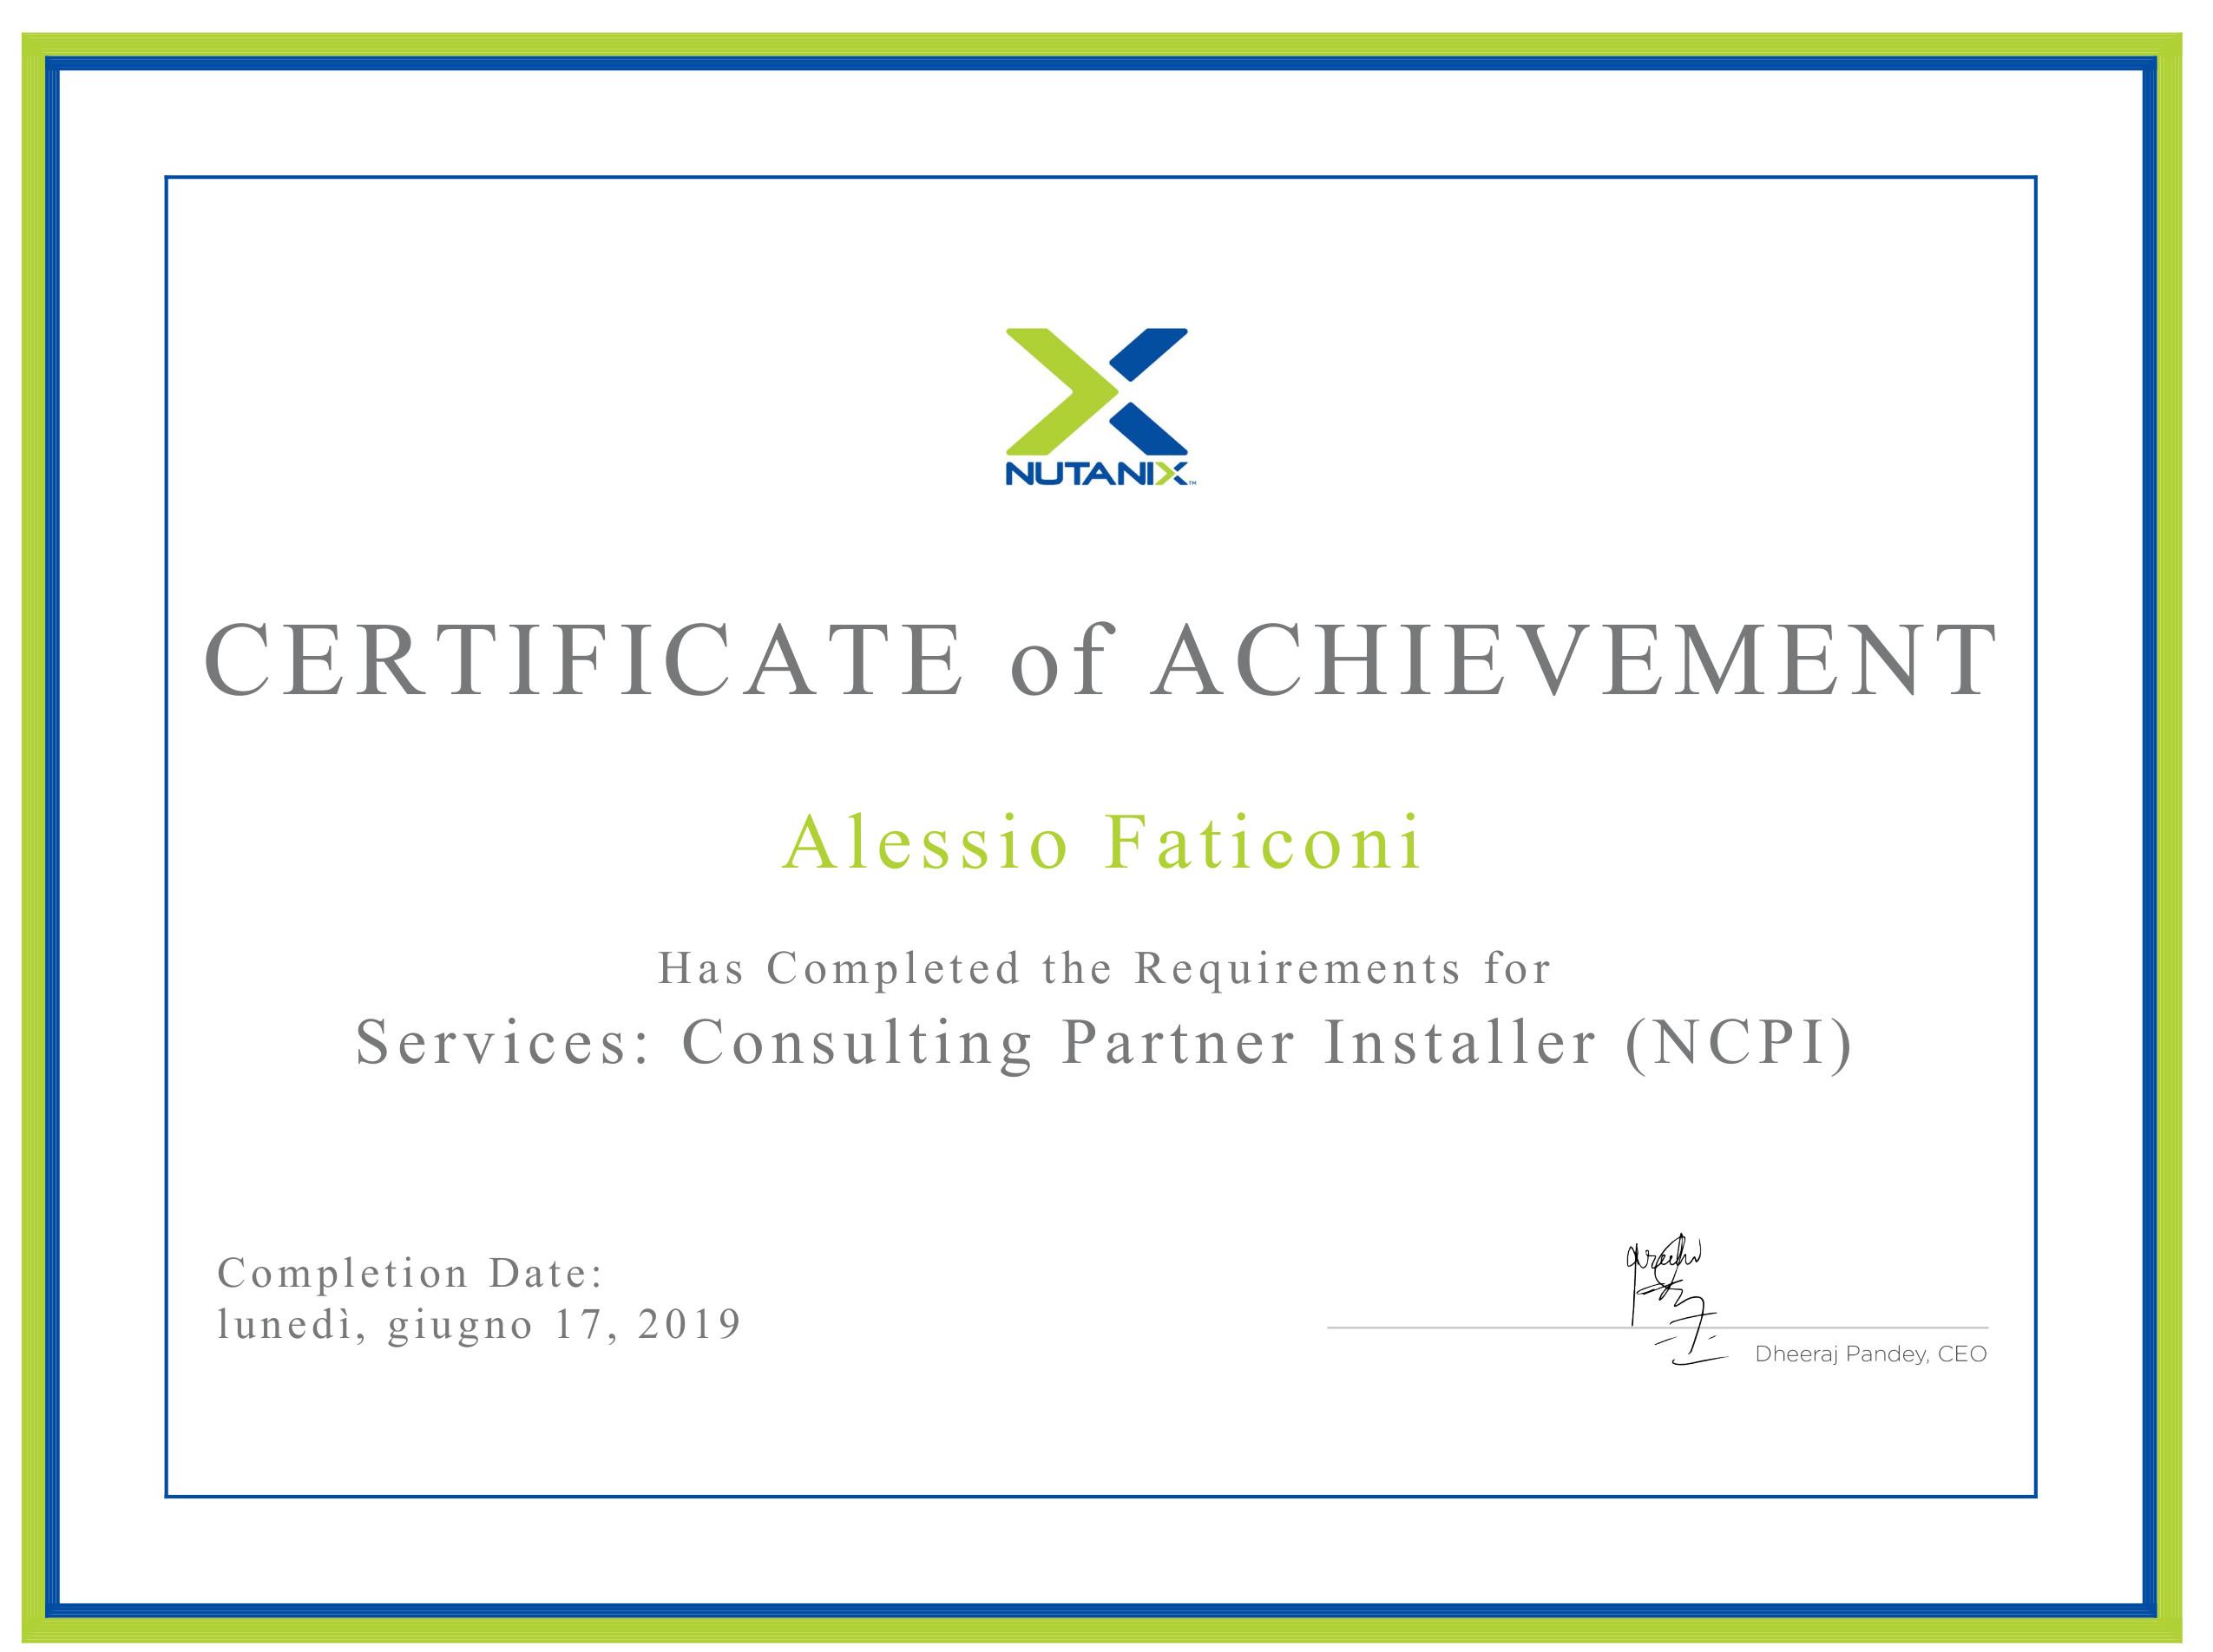 inapsi srl - system integrator Umbria Lazio Marche - Partner Nutanix Iperconvergenza 2019_Certificate Nutanix NCPI